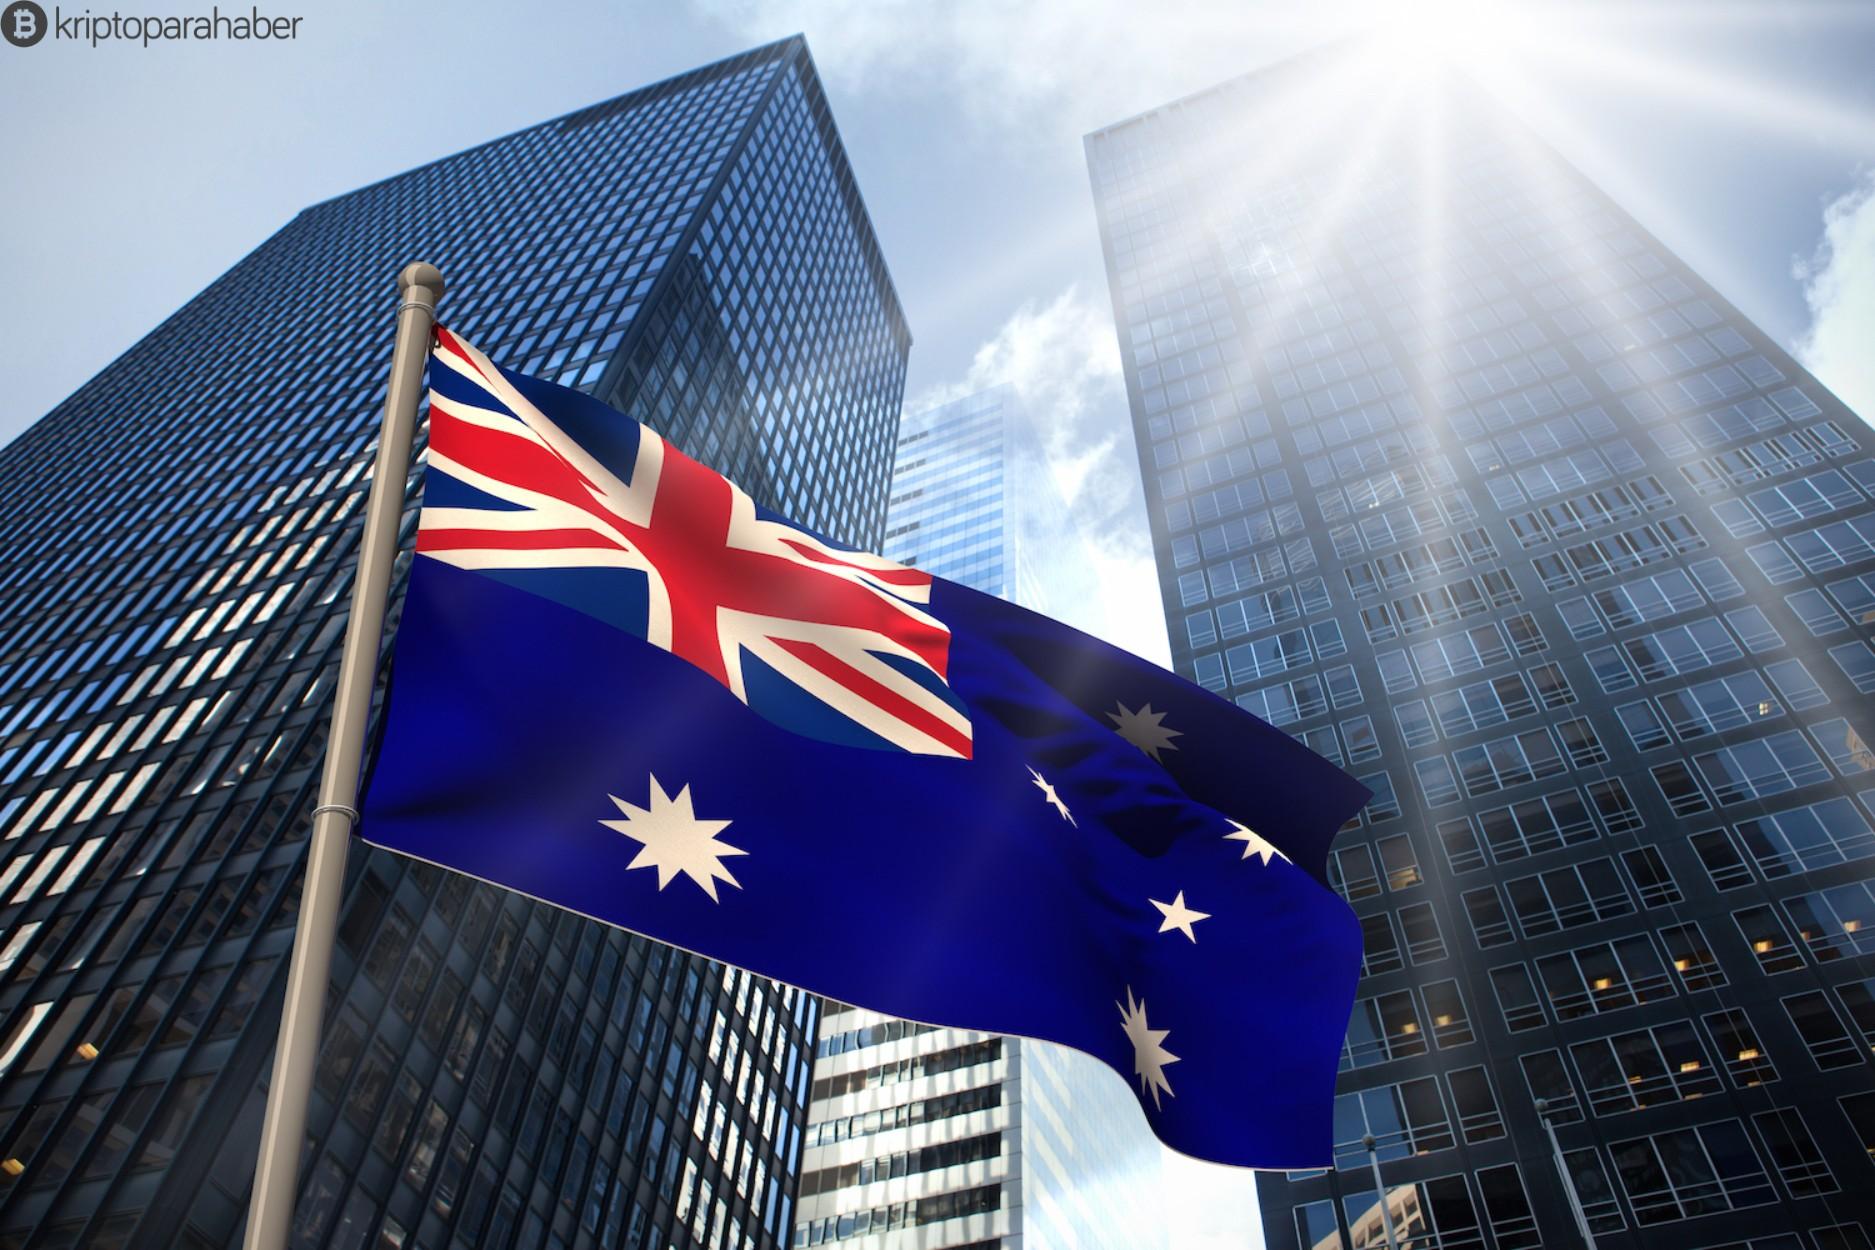 """Avustralya kripto para yatırımcılarına baskı yapıyor: """"Vergilerinizi ödeyin!"""""""